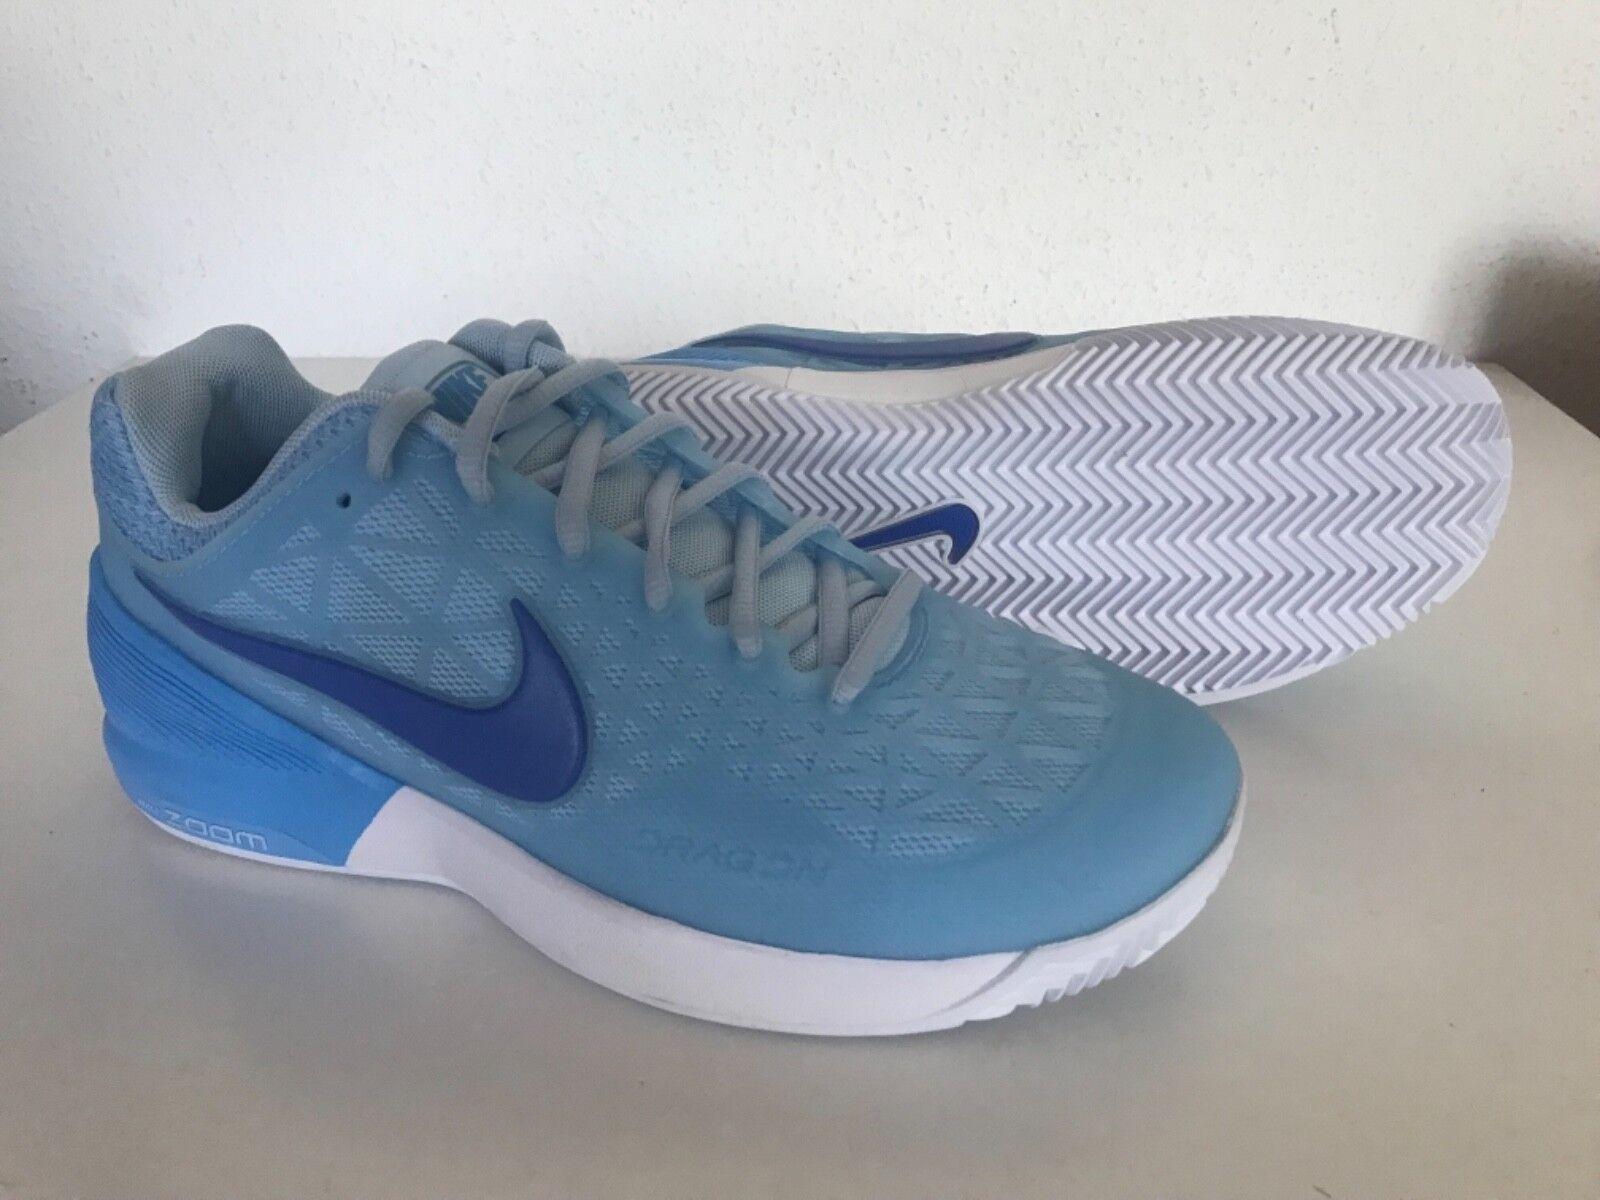 Nuevo NIKE ZOOM CAGE 2 UE Arcilla Para mujeres Tenis Zapatos EE. UU. 8 Azul Hielo 844963-402